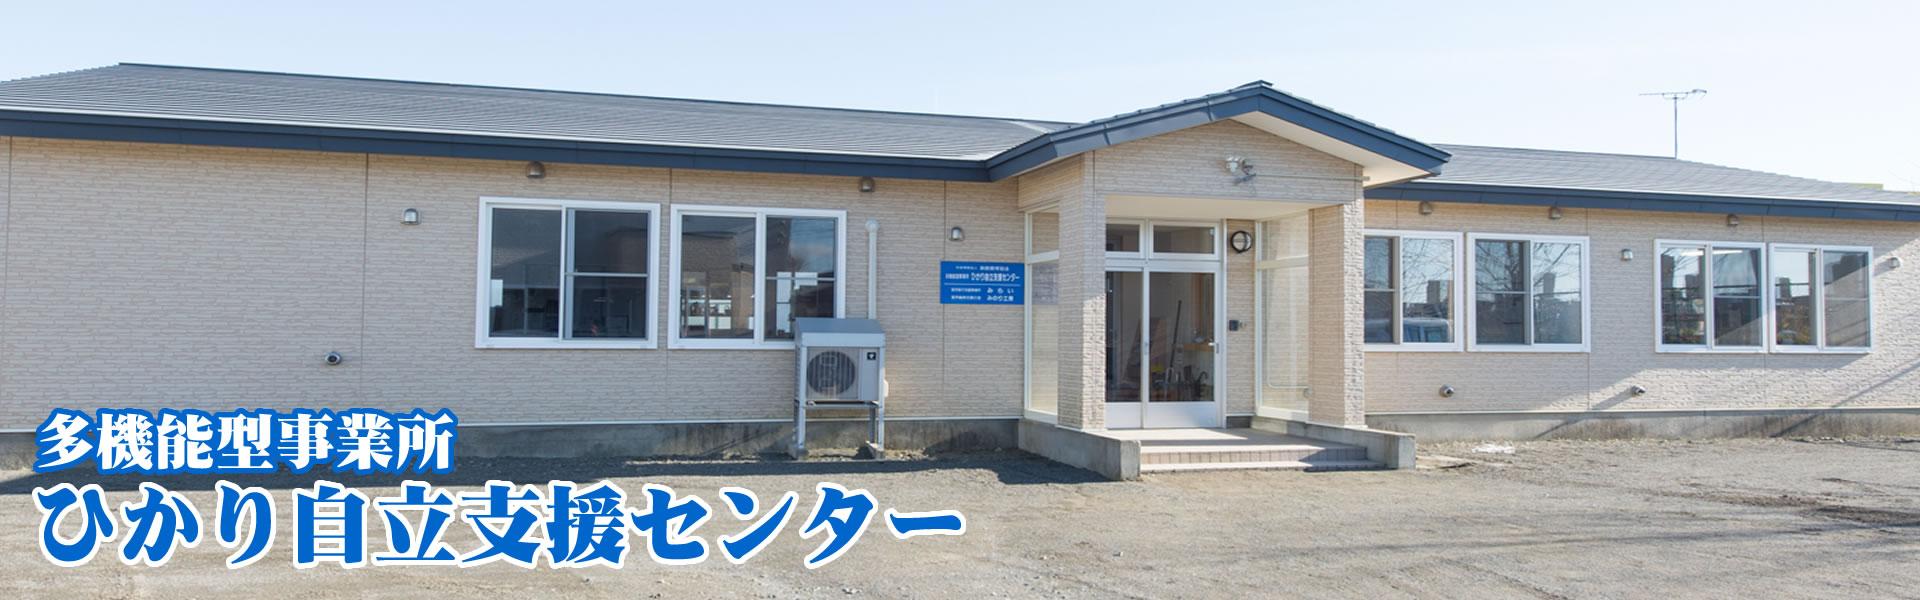 社会福祉法人 釧路愛育協会 ひかり自立支援センター